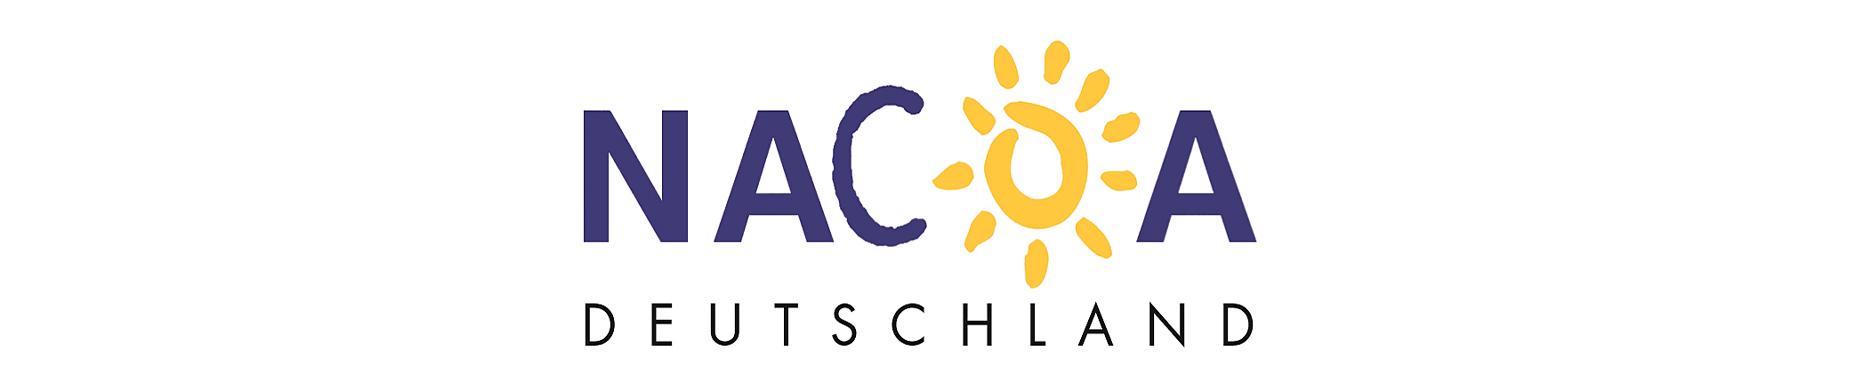 NaCOA Deutschland Logo